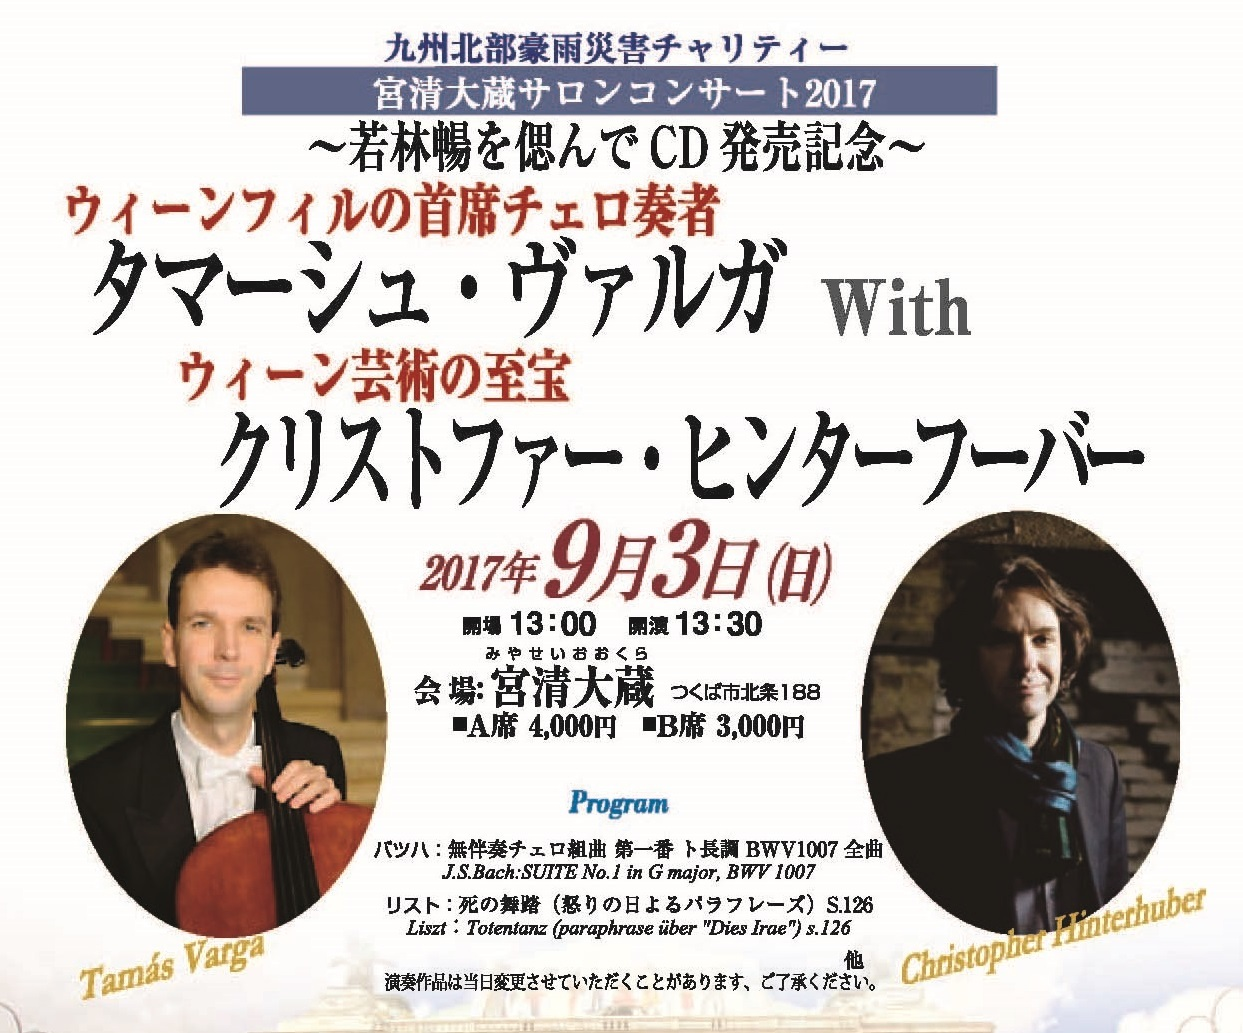 2017年9月3日(日)、宮清大蔵サロンコンサート開催!(お申込み受付:7月31日(月)より)_b0124462_10025194.jpg